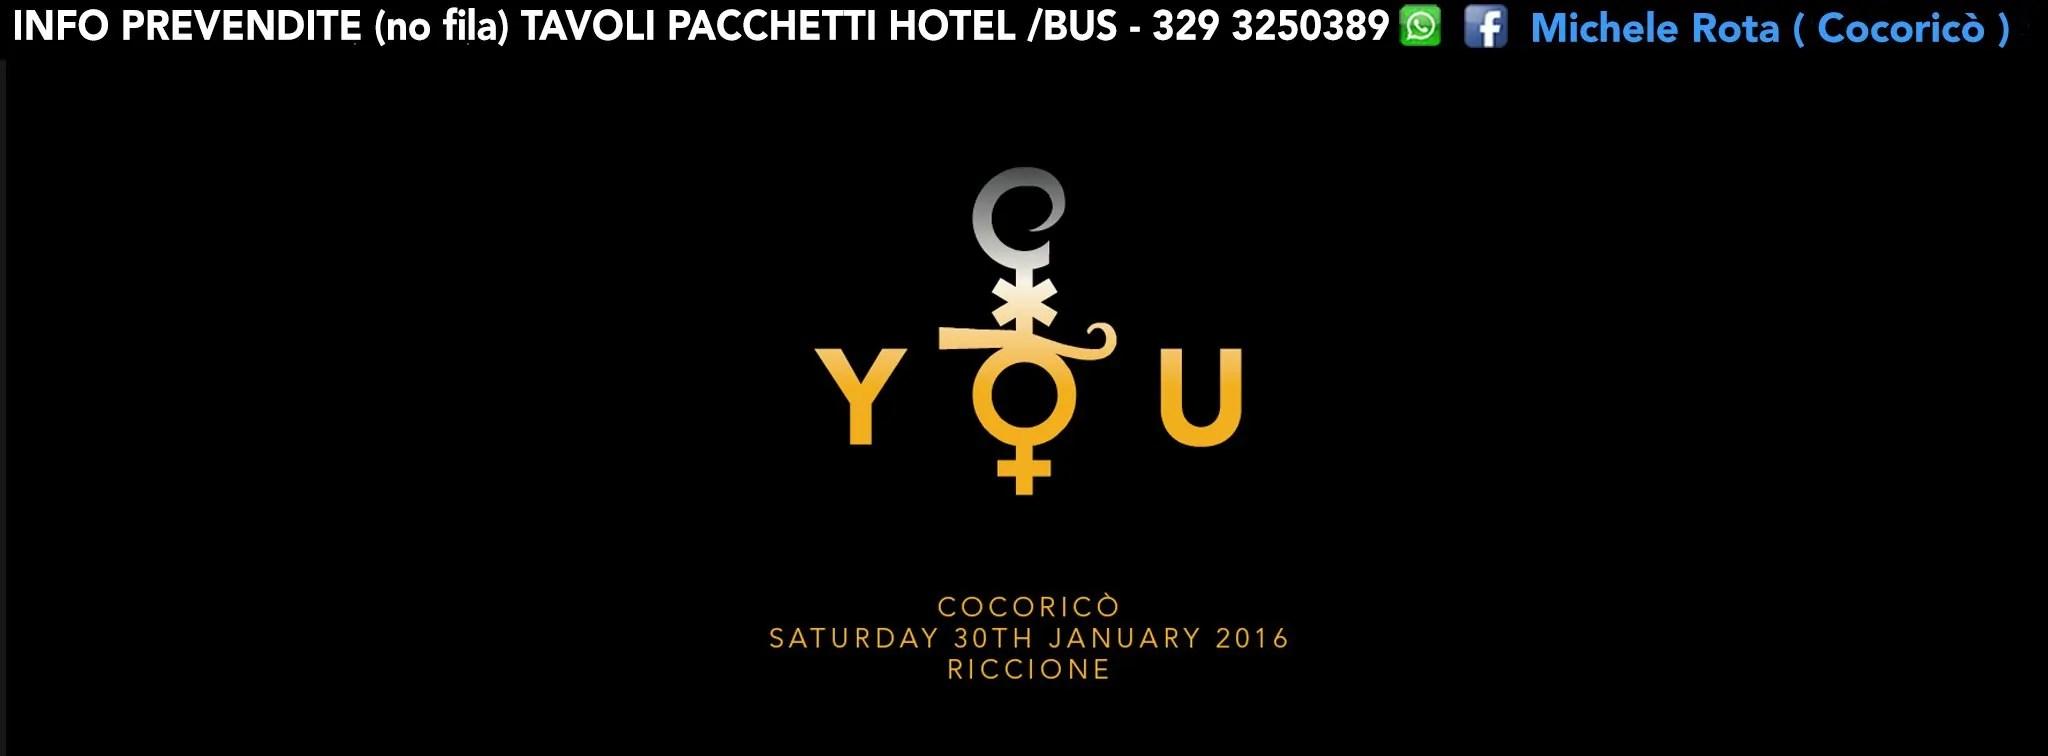 COCORICO RICCIONE SABATO 30 GENNAIO 2016 PREZZI PREVENDITE BIGLIETTI TAVOLI HOTEL + PULLMAN